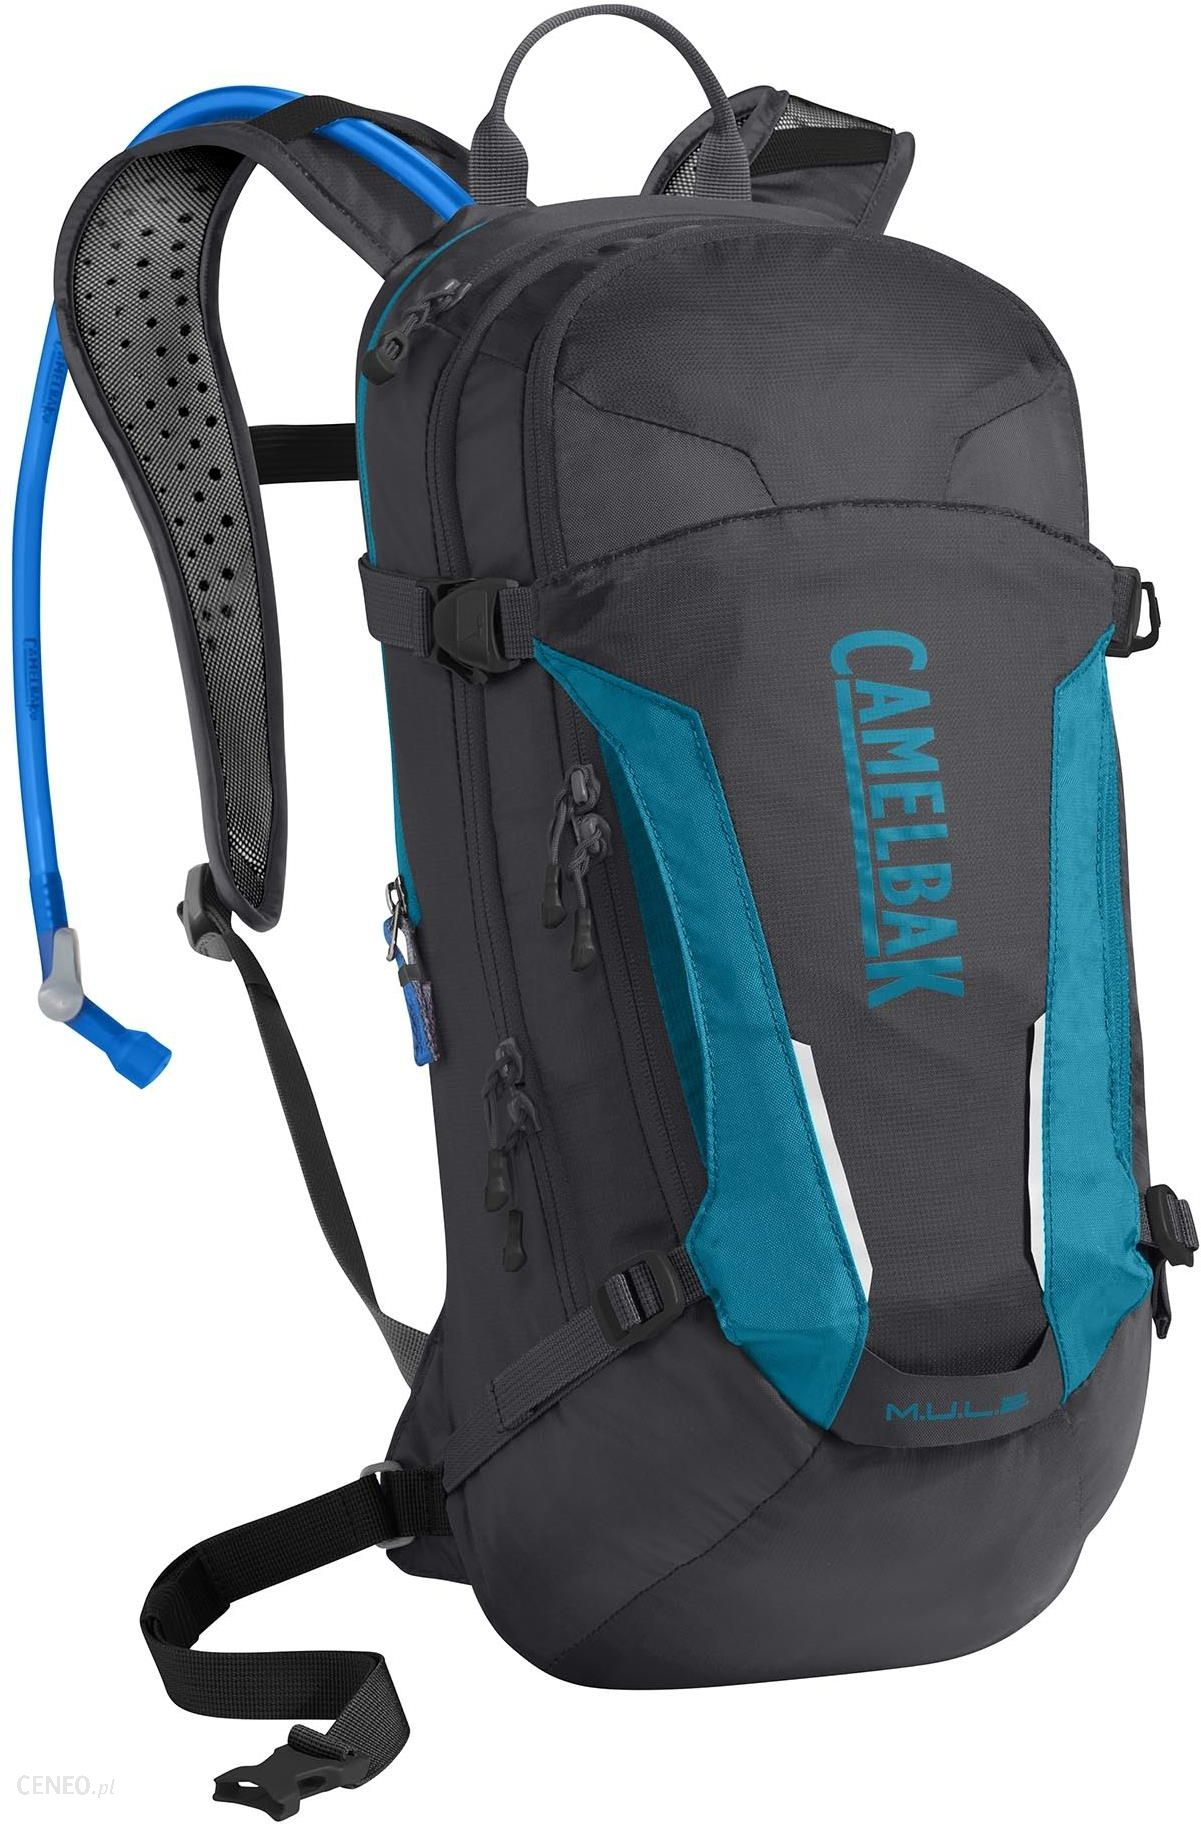 7c6d1b9611d79 Plecak Camelbak Plecak Mule Charcoal Tea Kielce - Sklepy, ceny i ...